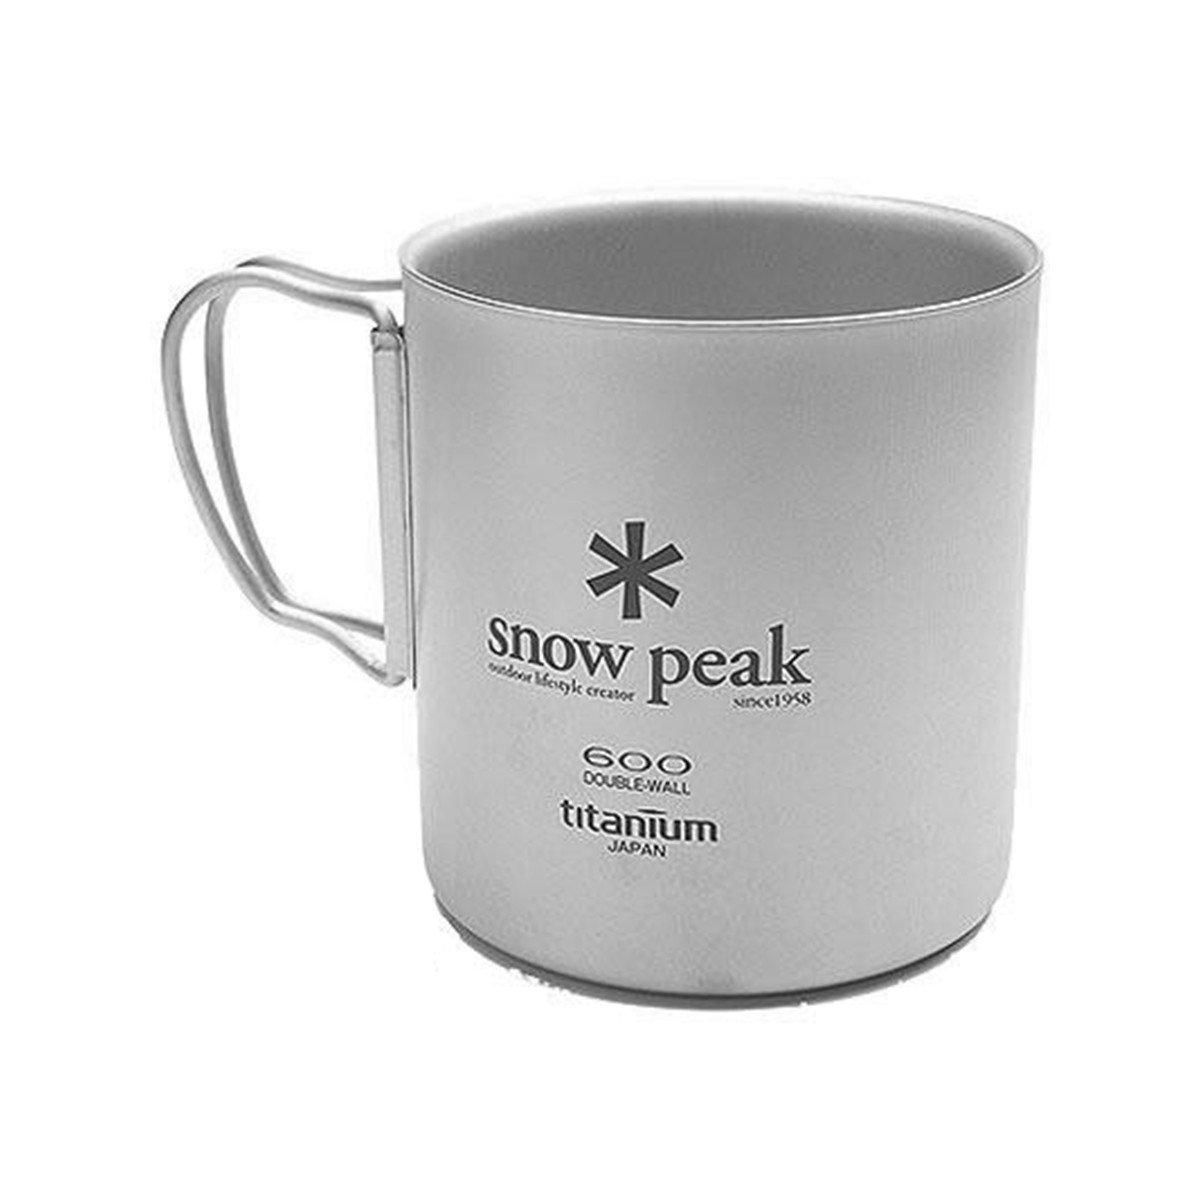 Snow Peakチタン二重壁カップ B002ACKJPM _.6L|Brushed Titanium Brushed Titanium _.6L